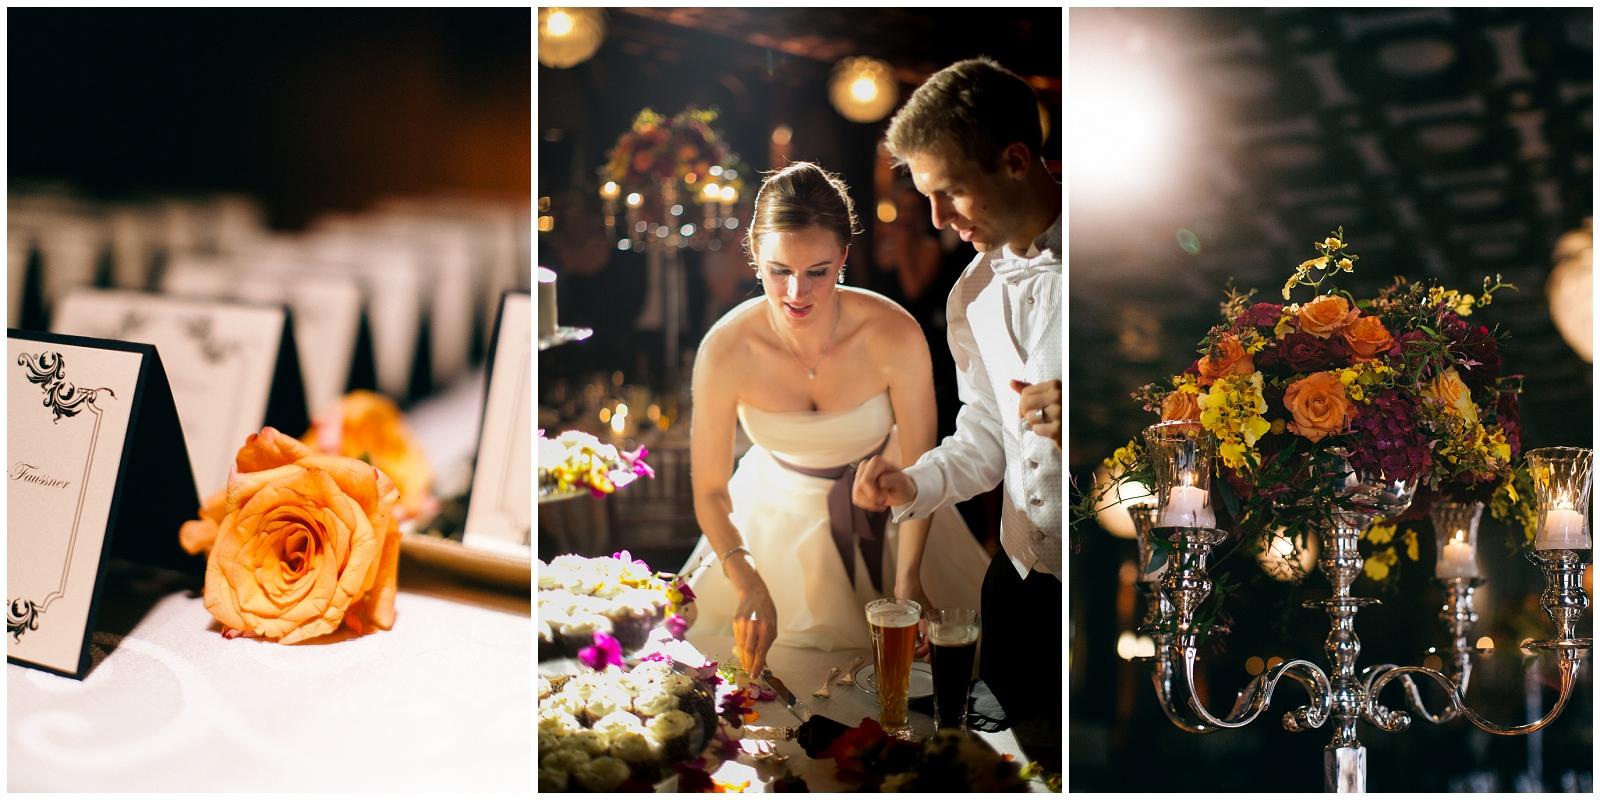 San-Francisco-Bay-Area-Wedding-Photography-Julia-Morgan-Ballroom-11.jpg